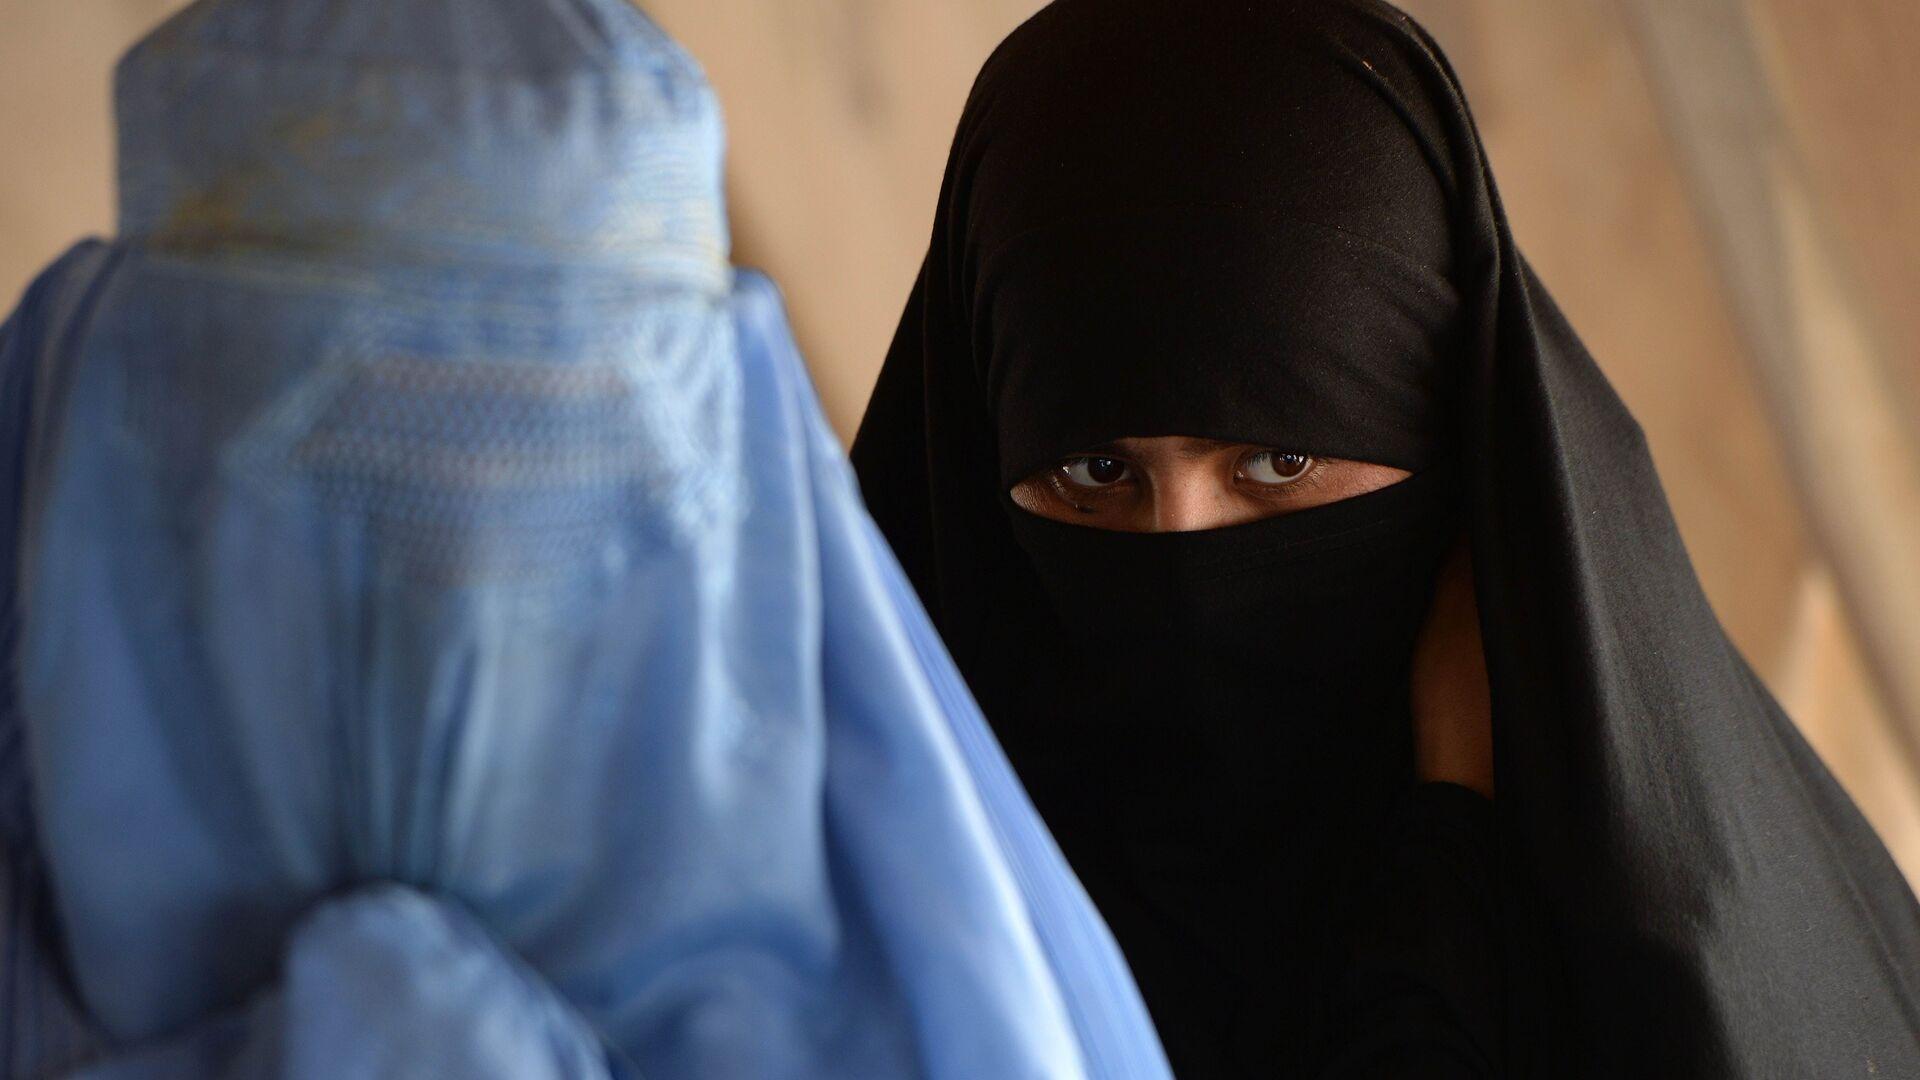 Women in burka - Sputnik International, 1920, 05.09.2021